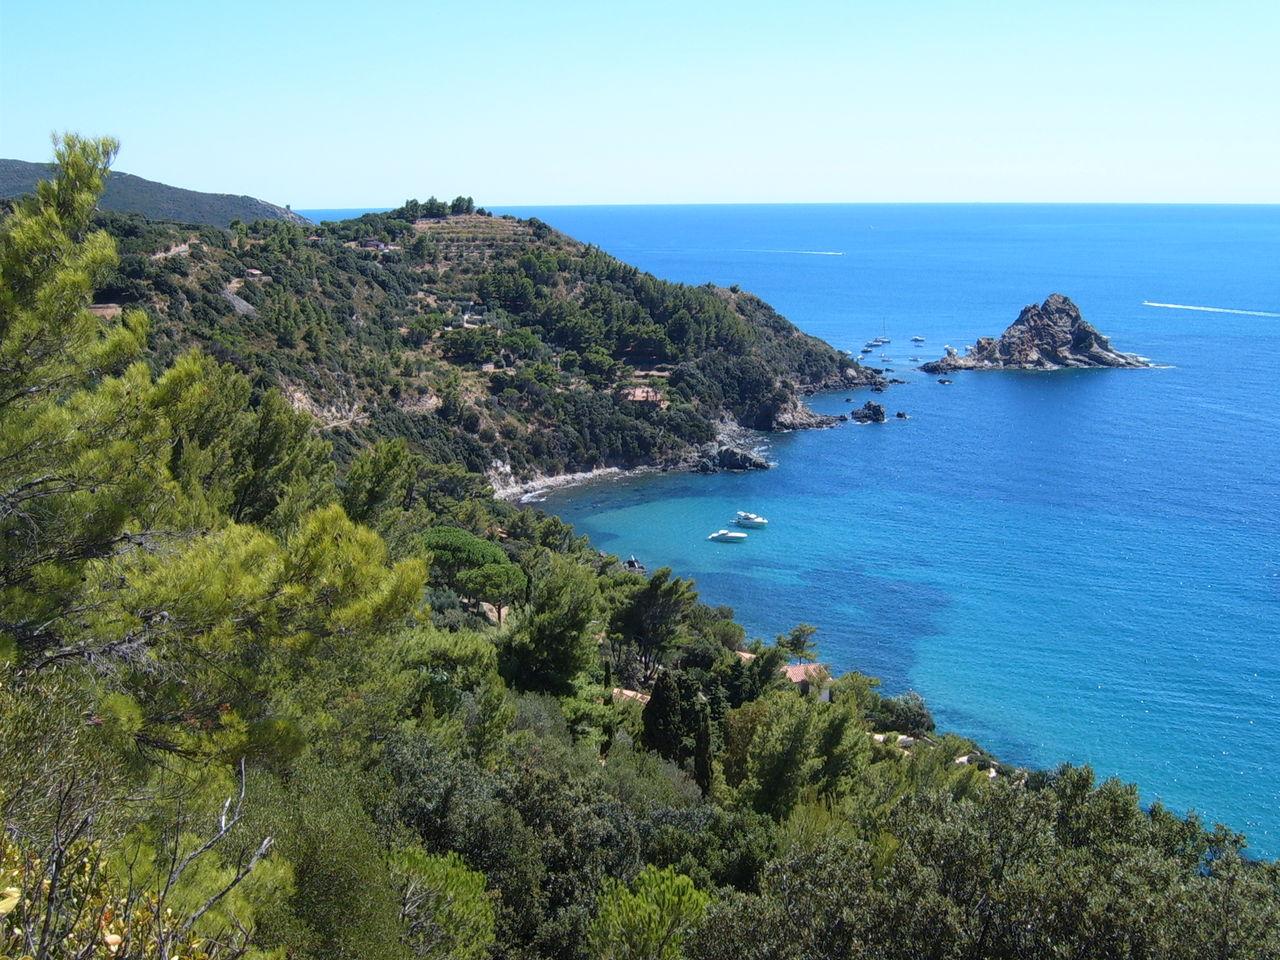 1280px-Monte_Argentario_Isola_Rossa